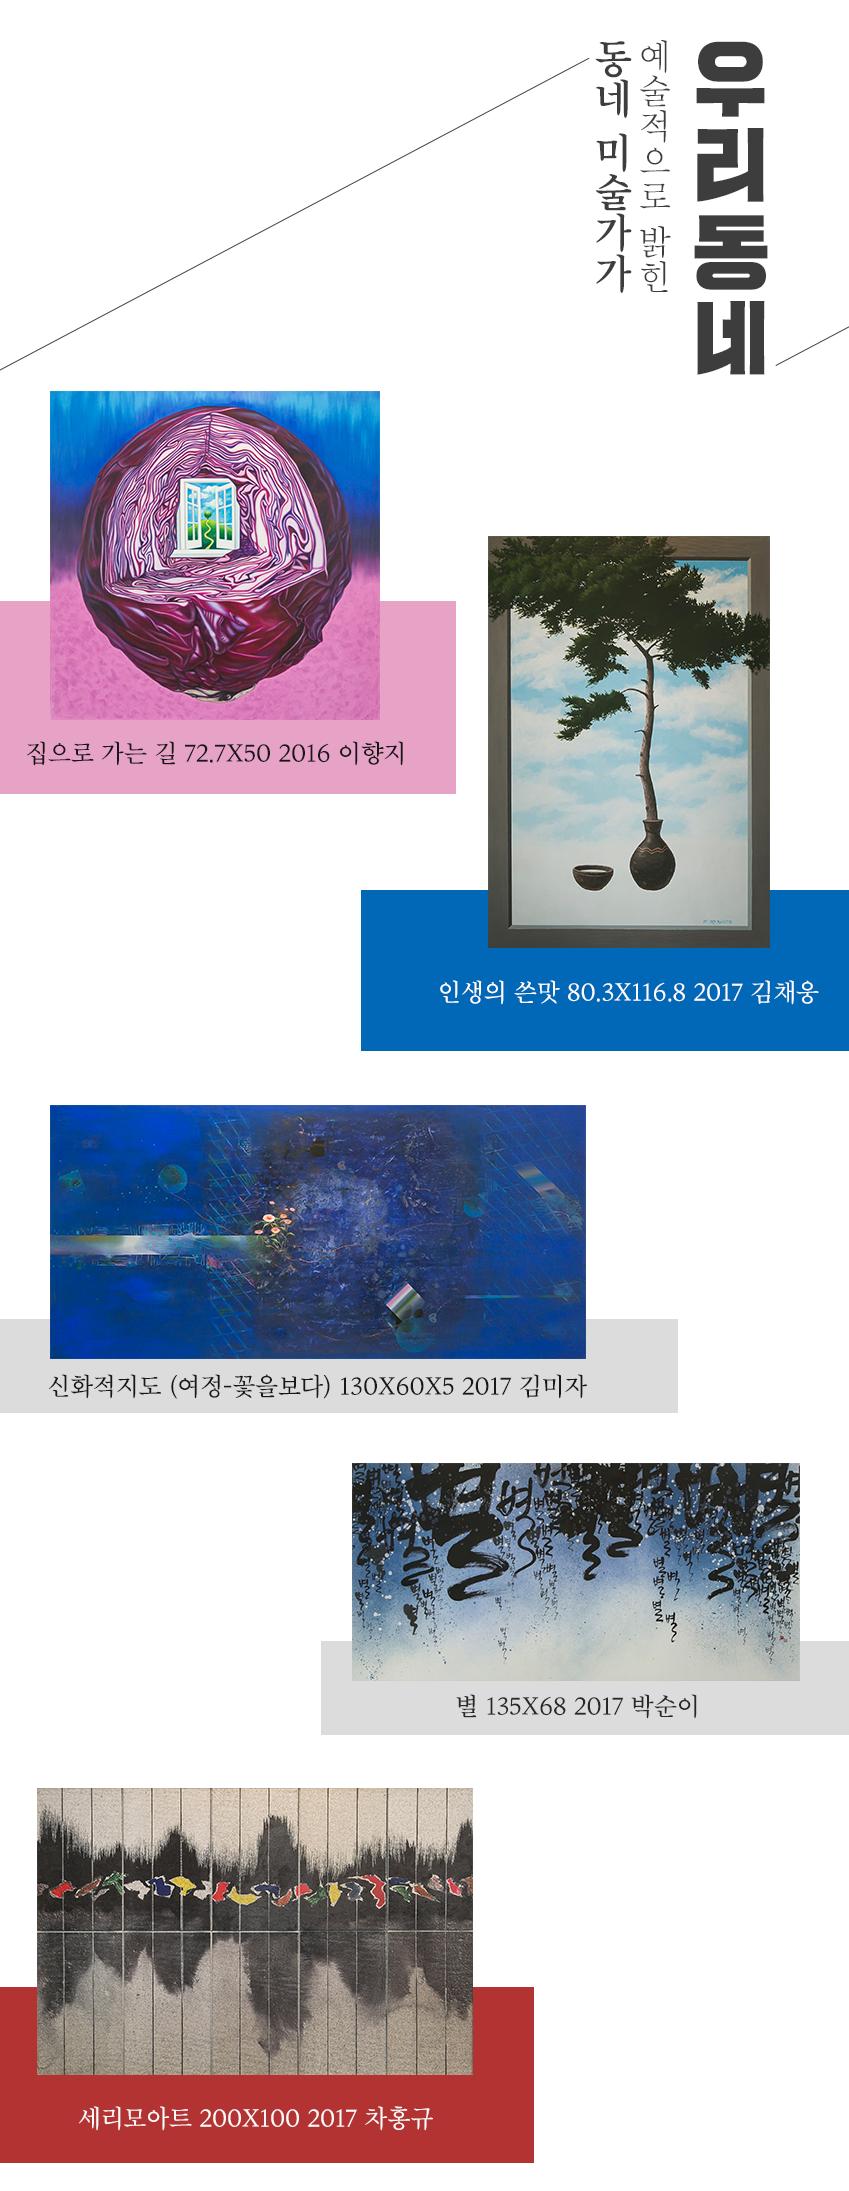 화룡점정에 소개된 작품들